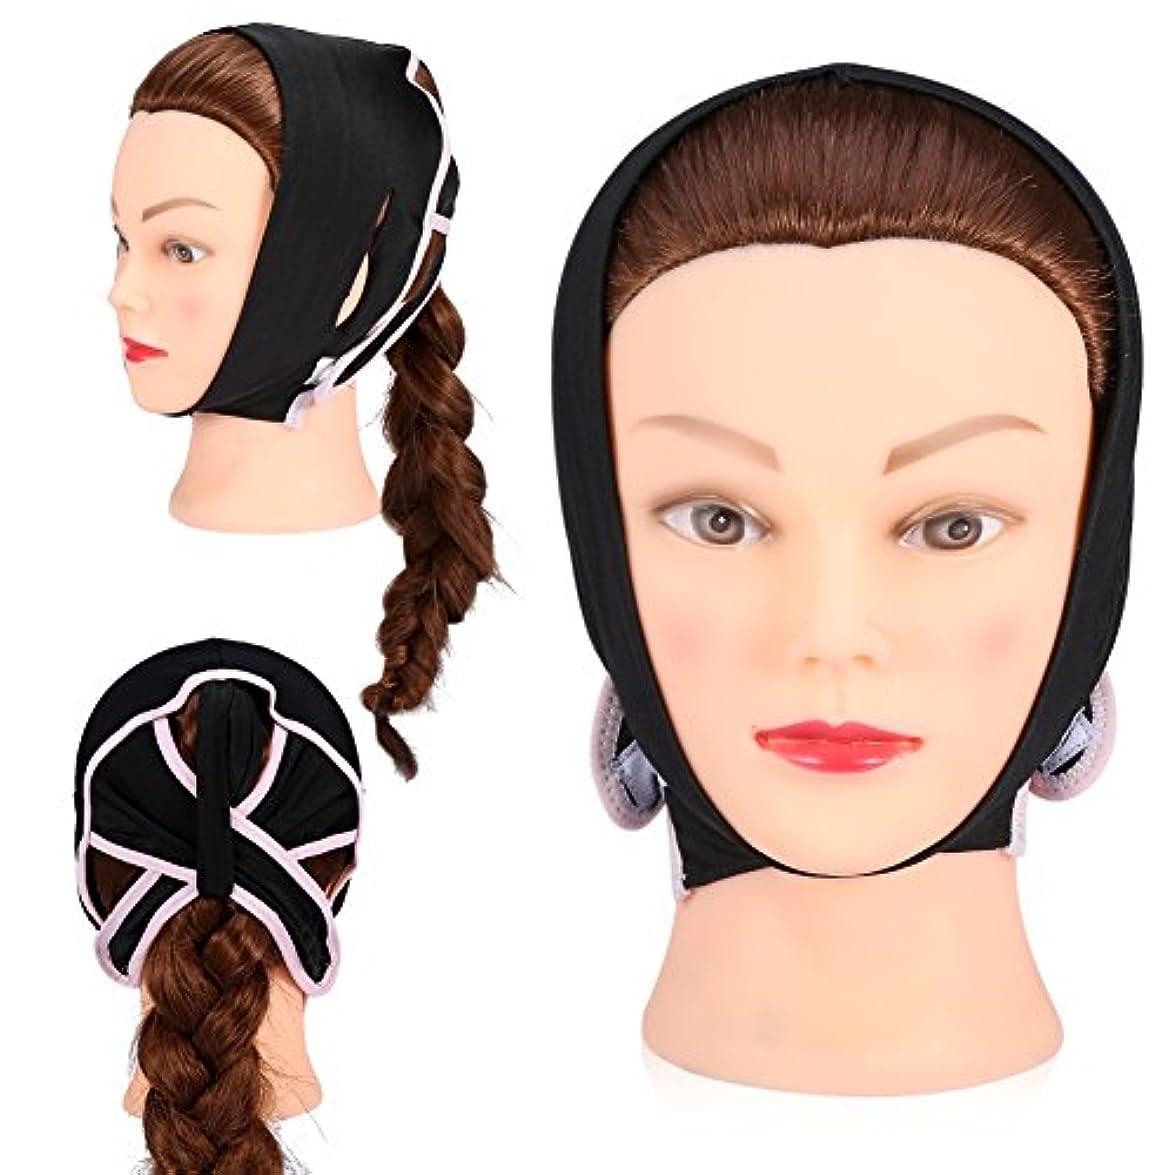 闇疑問に思うよろしくフェイスケアのための顔面V字型包帯フェイシャルスリミングマスク薄い首のフェイスリフトダブルチン女性用、黒(L)